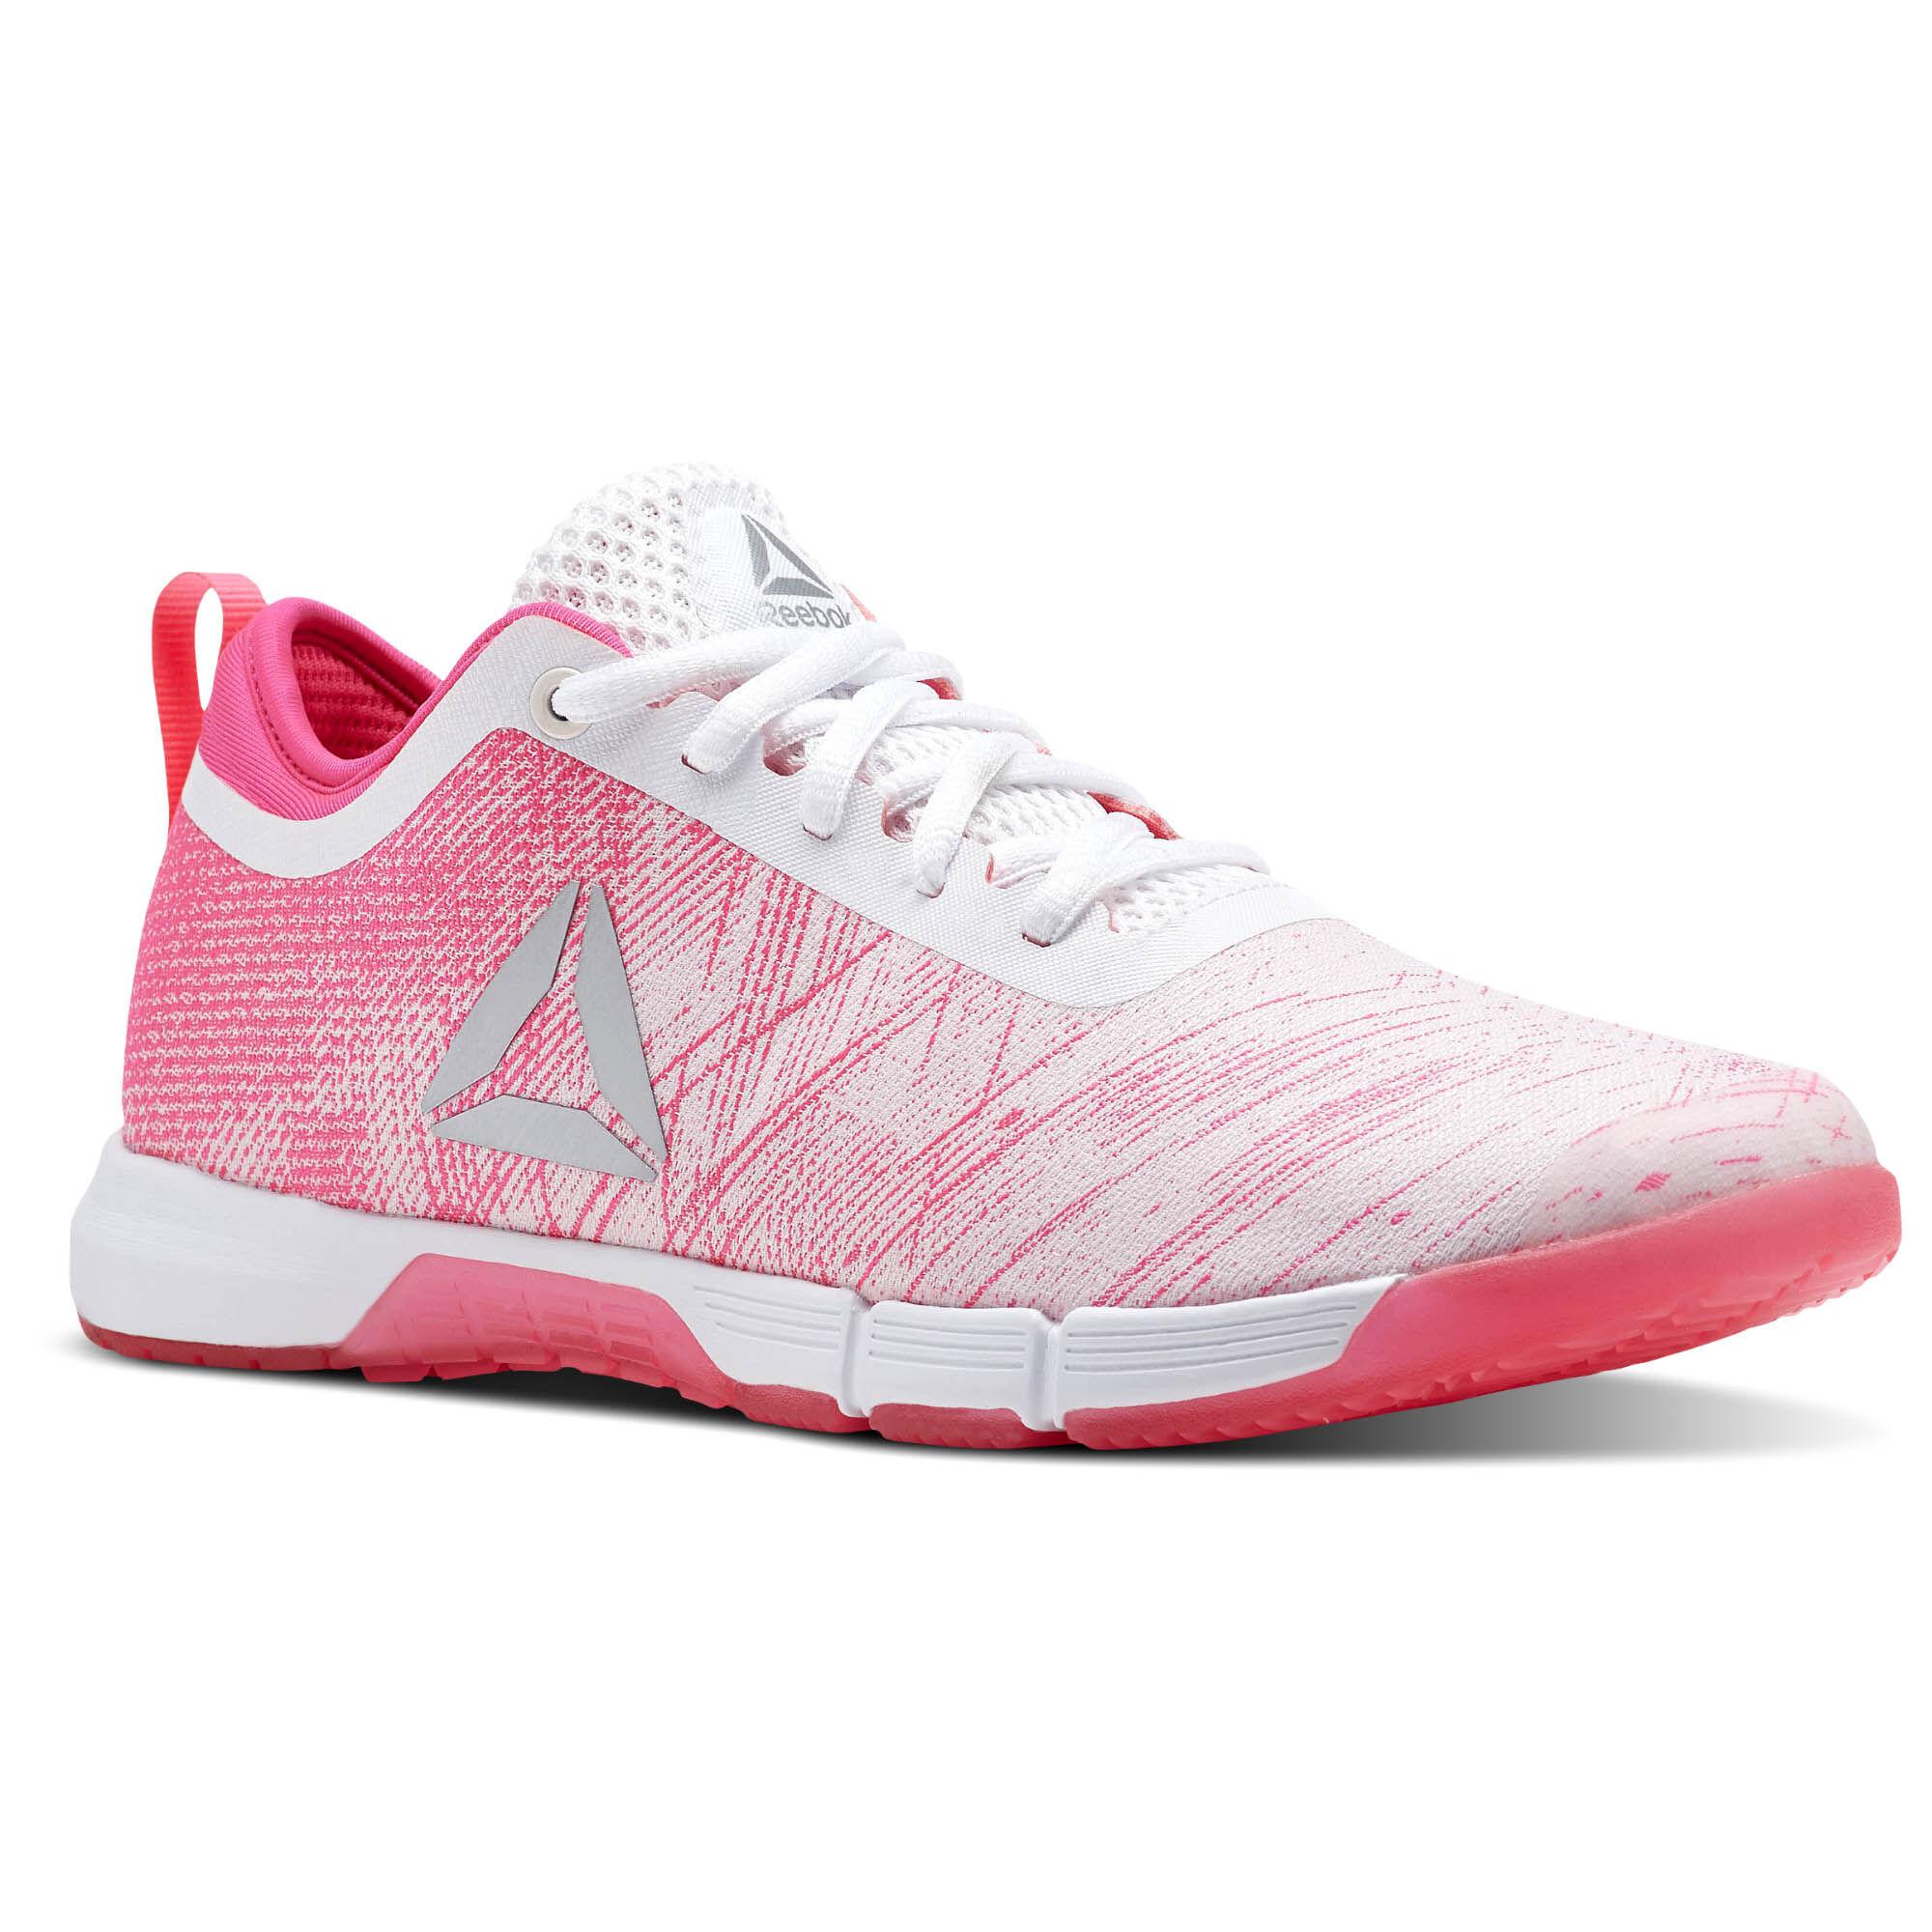 Schuhe Reebok - Speed Her Tr CN2246 Pink/White/Silver OpljpMeaPJ